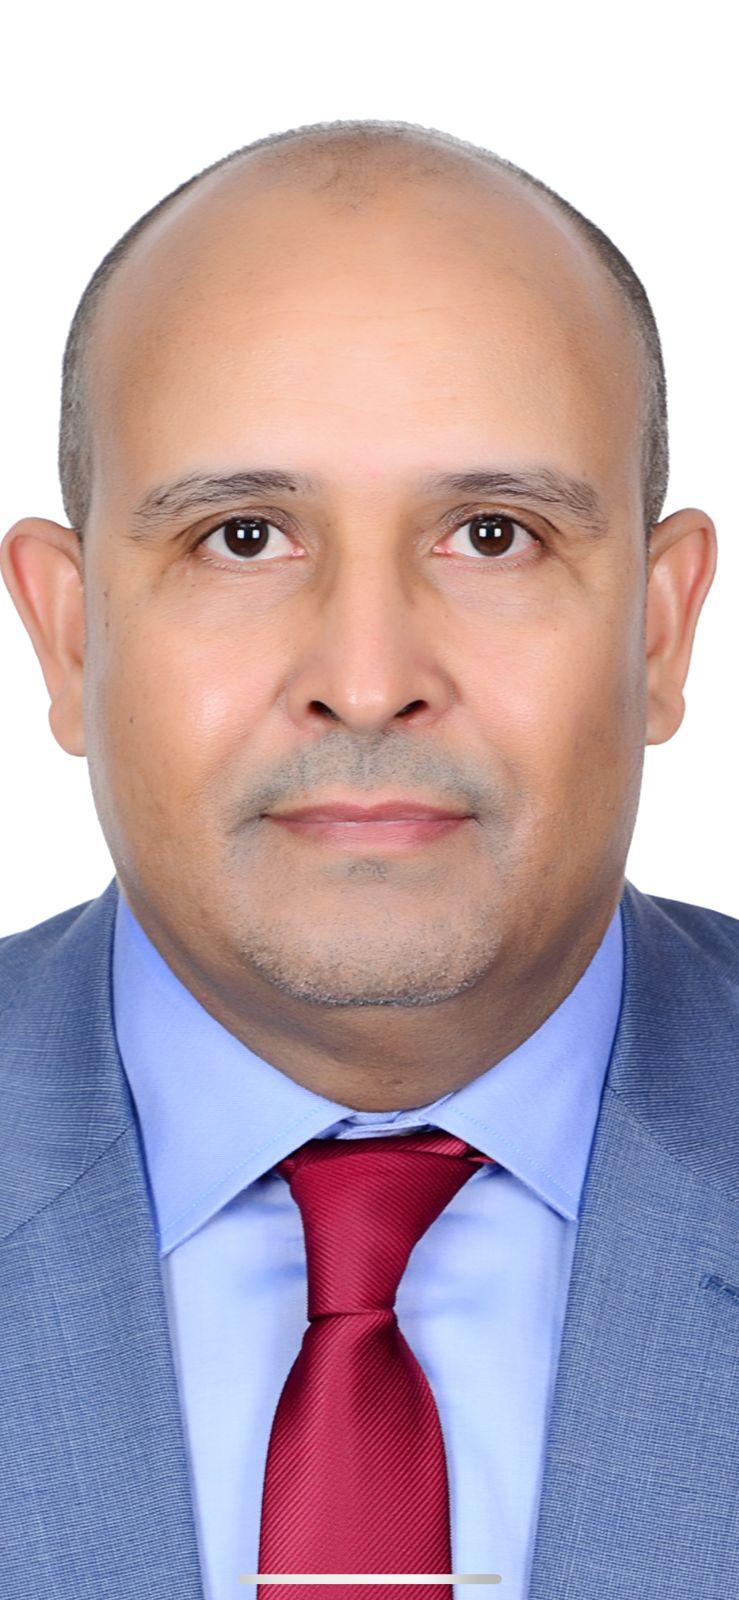 نبذة عن الأستاذ عبد الله معوني المنتخب عضوا بالمجلس الأعلى للسلطة القضائية.